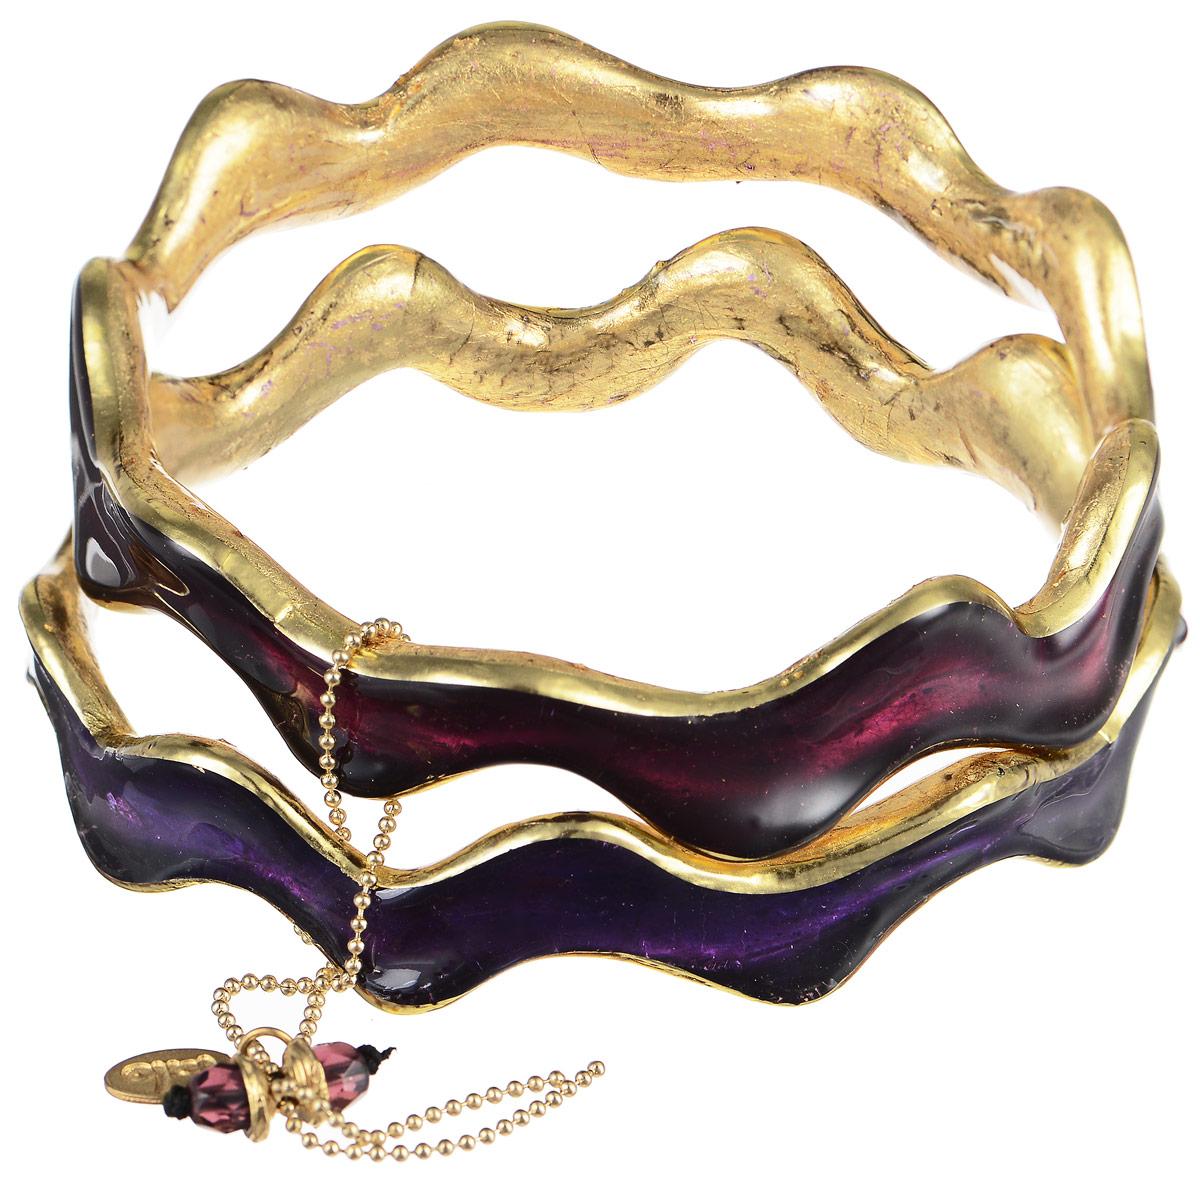 Браслет Lalo Treasures Future Currents II, цвет: золотой, фиолетовый. Bn2528-3Bn2528-3Яркое комбинированное украшение Lalo Treasures Future Currents II включает два оригинальных браслета волнообразной формы, изготовленных из ювелирной смолы. Стильное украшение поможет дополнить любой образ и привнести в него завершающий яркий штрих.